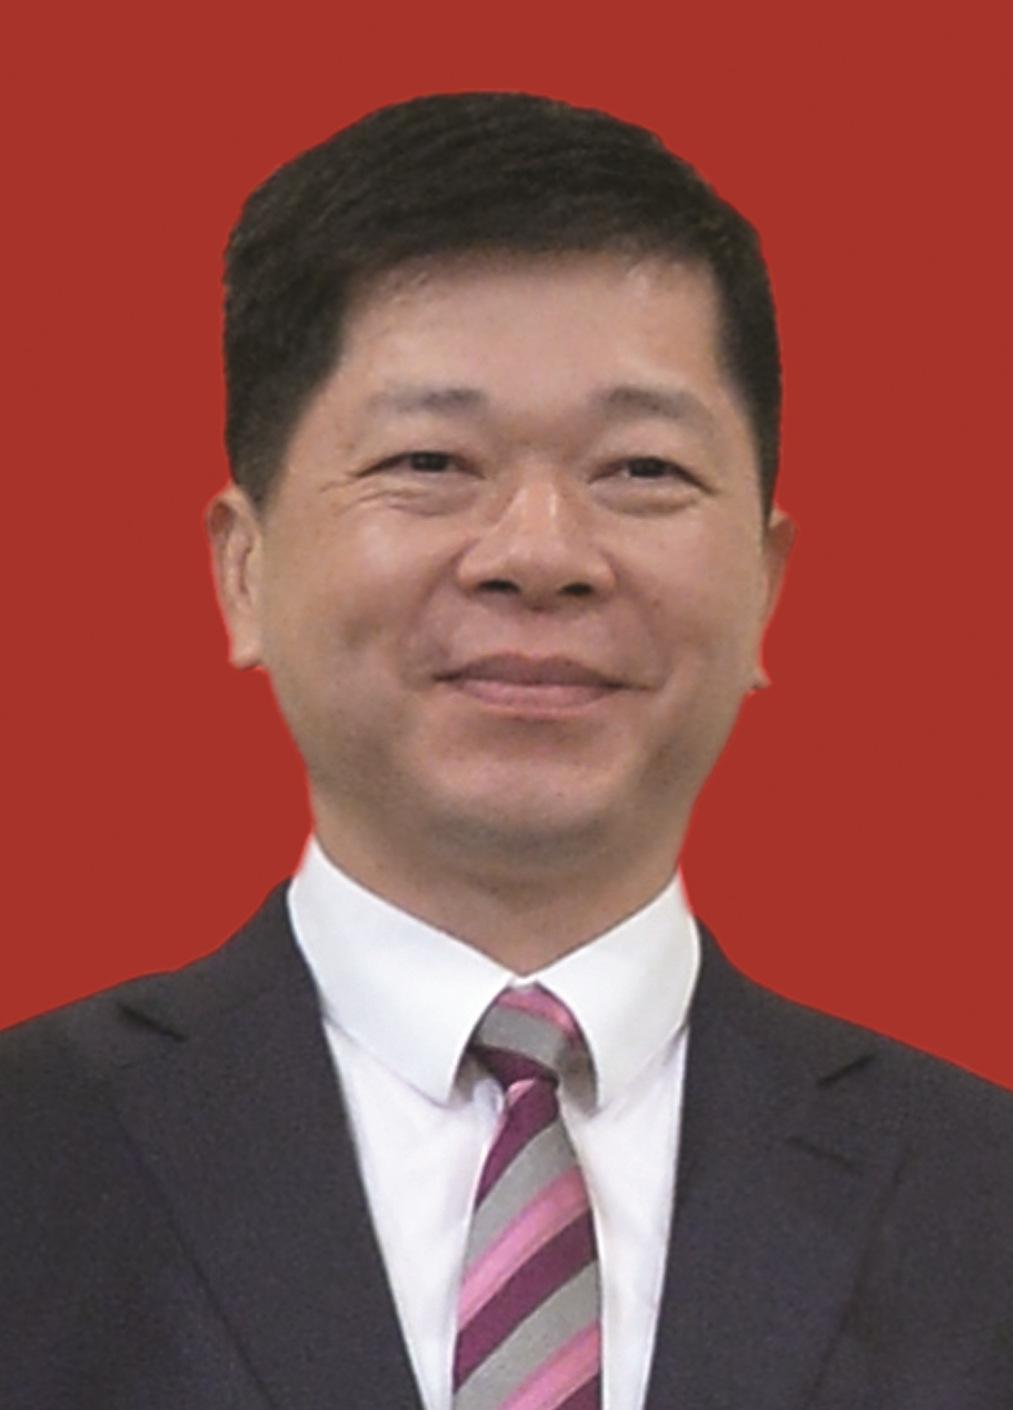 林楚昭先生